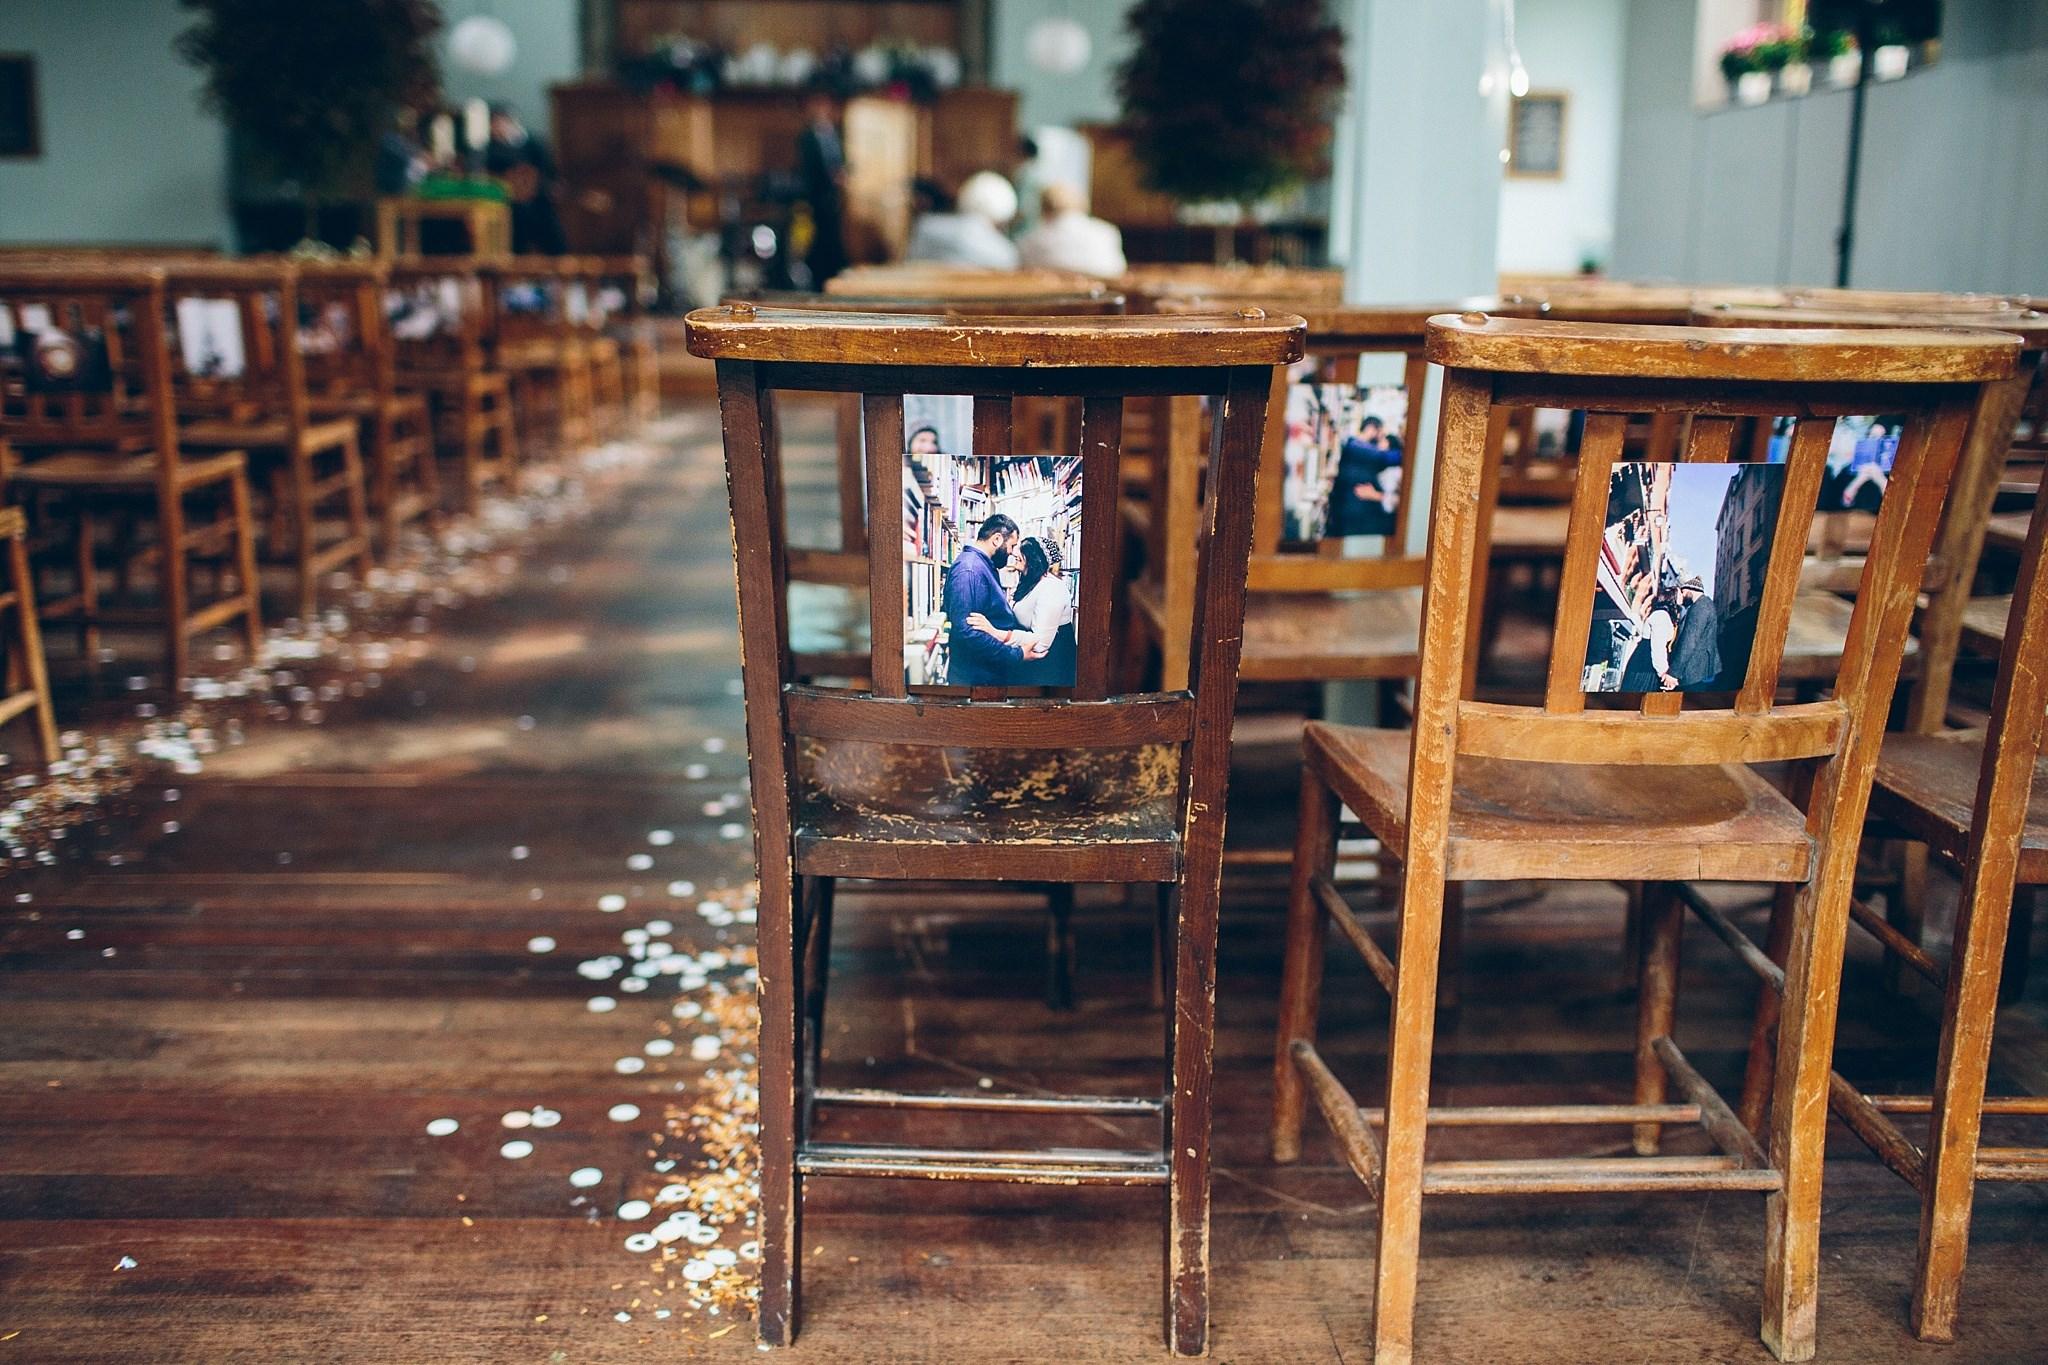 farmer-wedding-chairs_25344689381_o.jpg